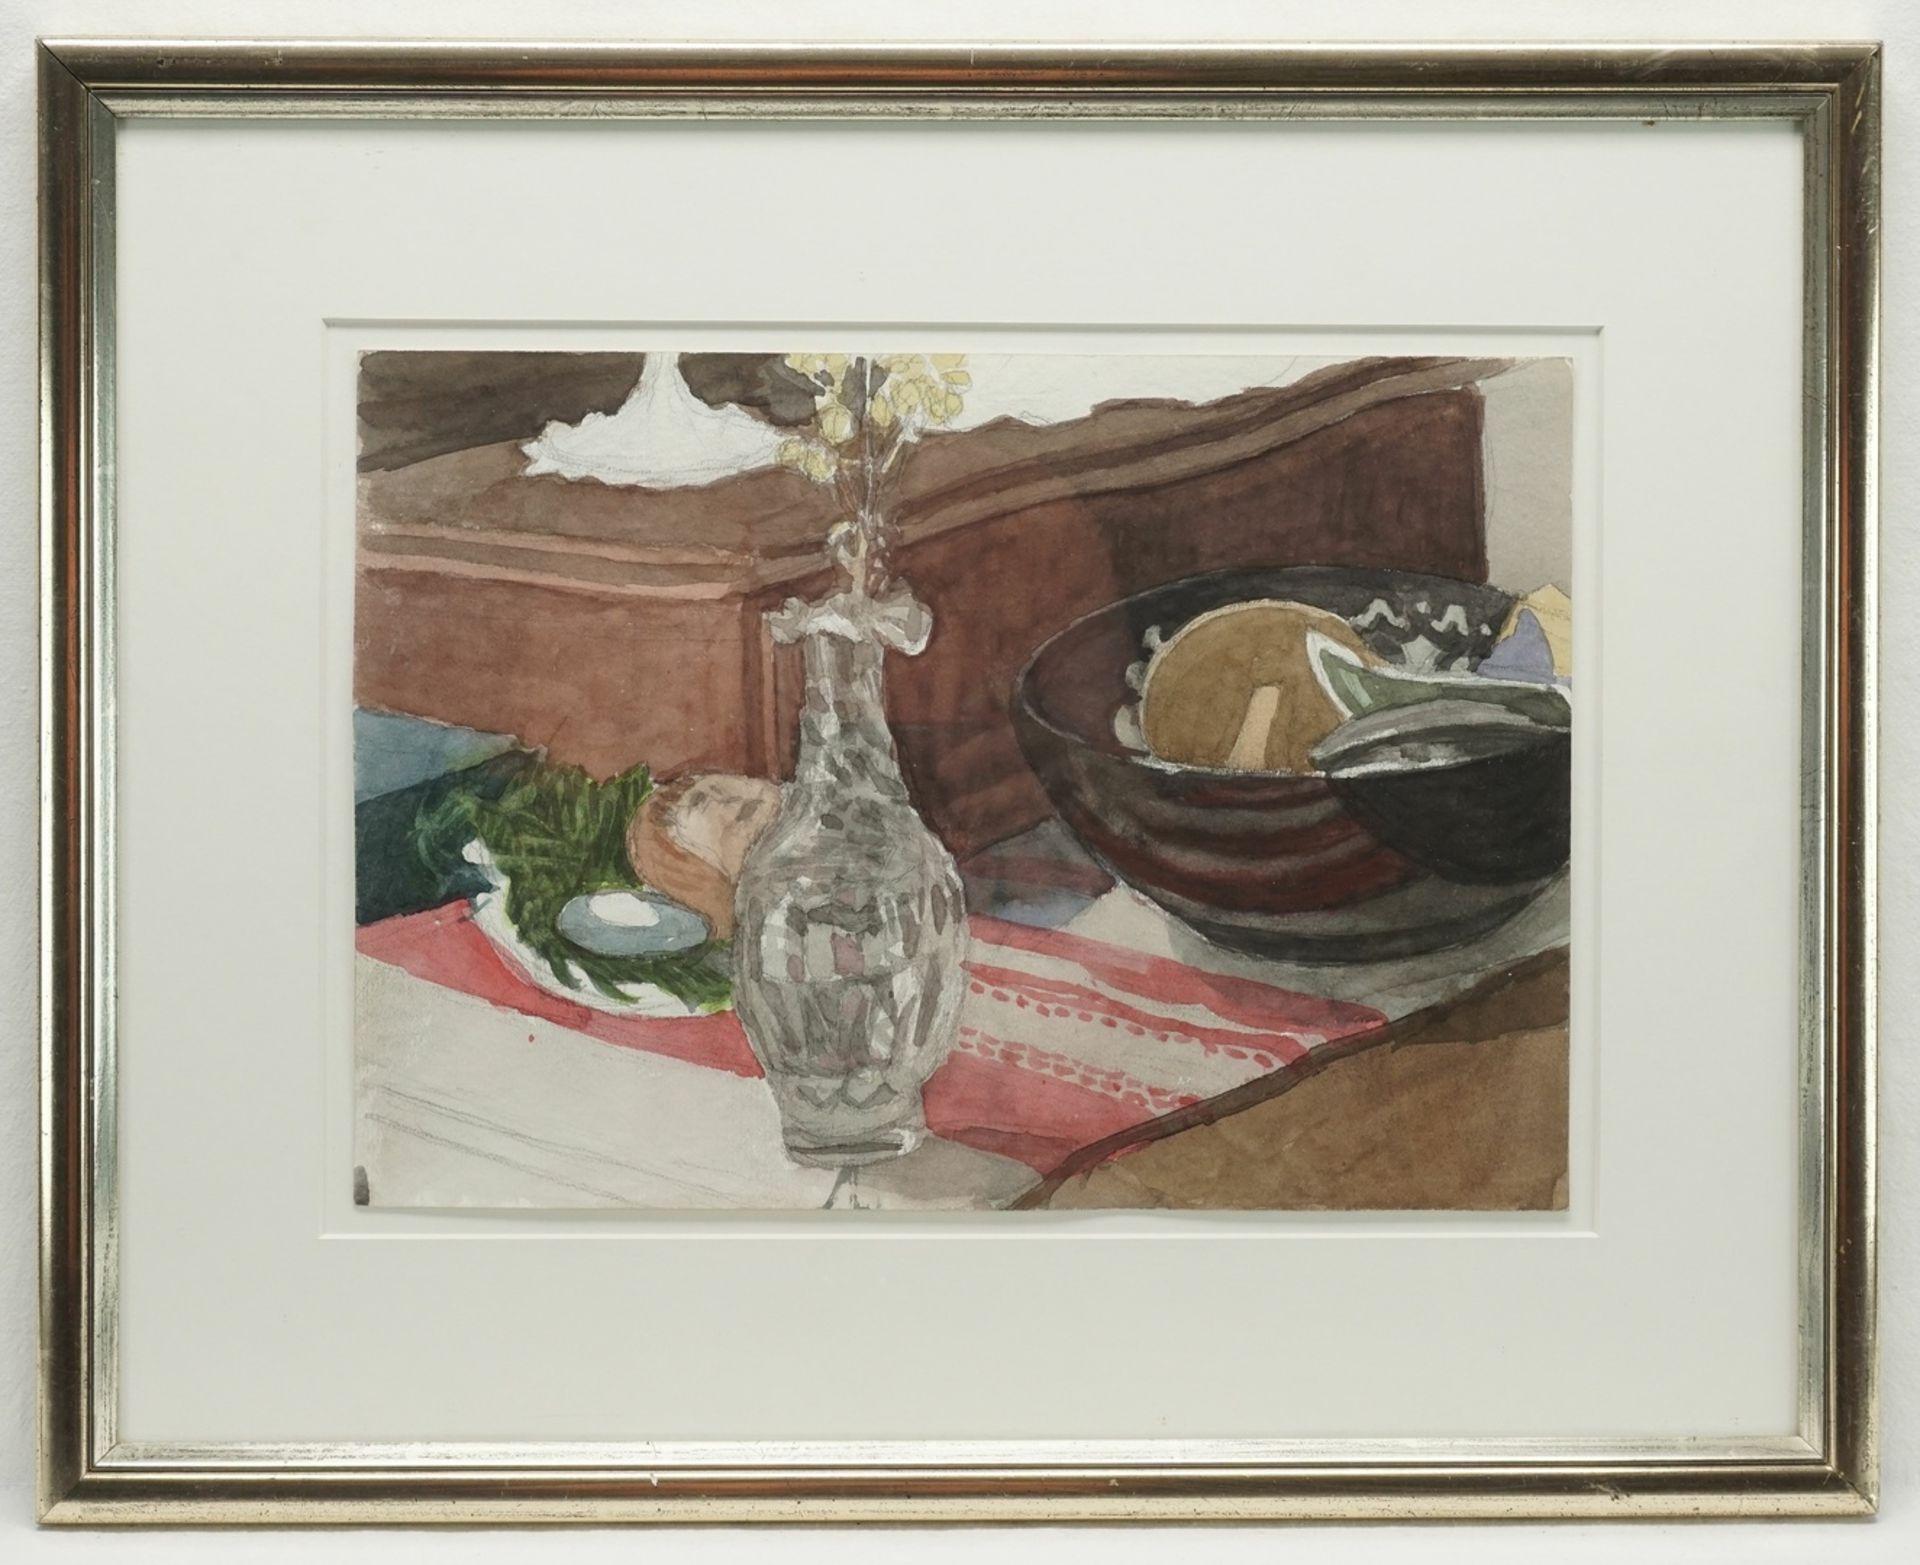 Franz Werneke, Wohnzimmerstillleben mit Glasvase - Bild 2 aus 3